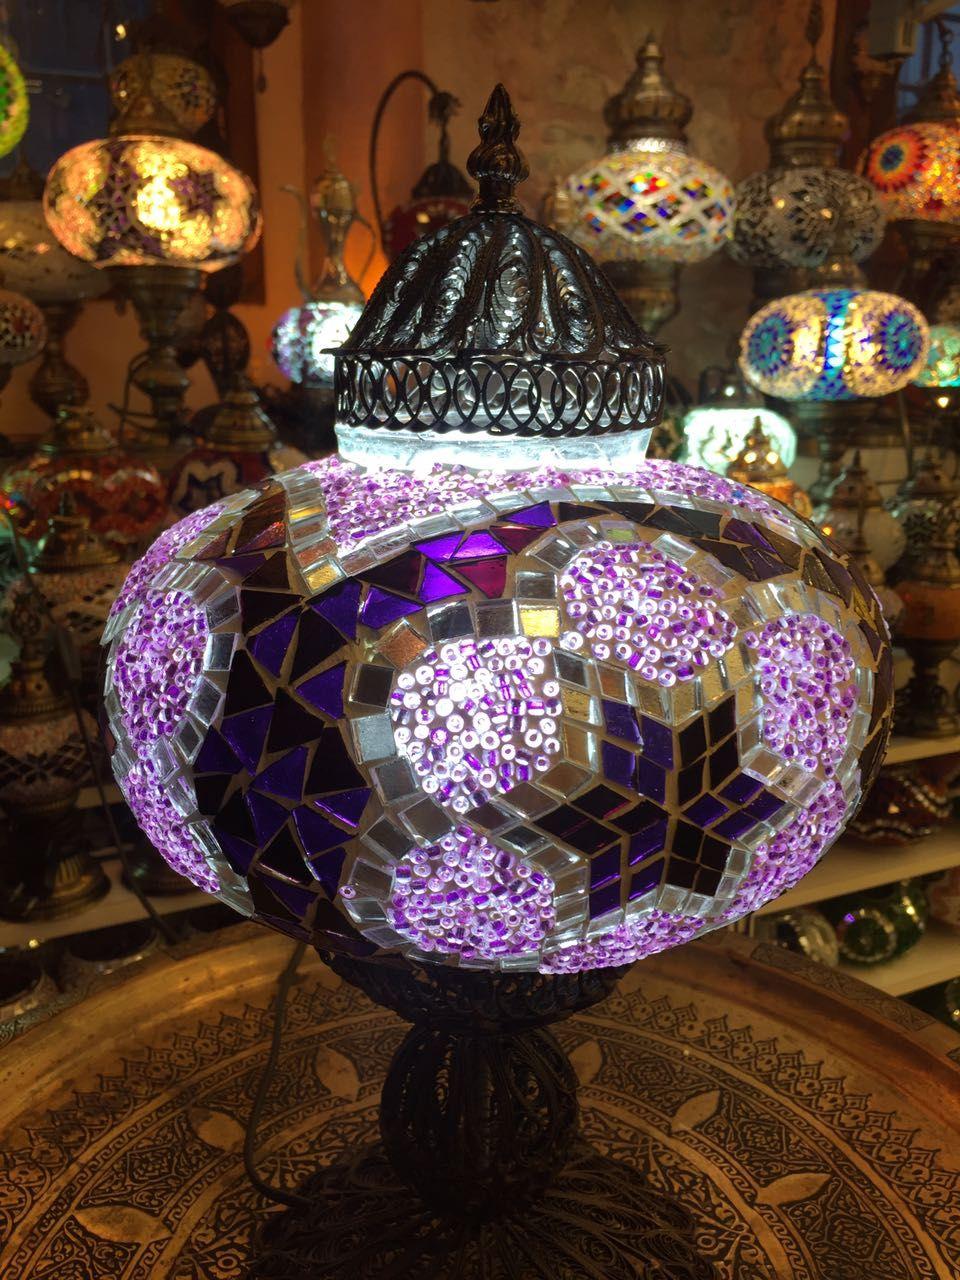 TURKISH MOSAIC TABLE LAMP, UNIQUE DESIGN   MOSAIC DESK LAMPS ...